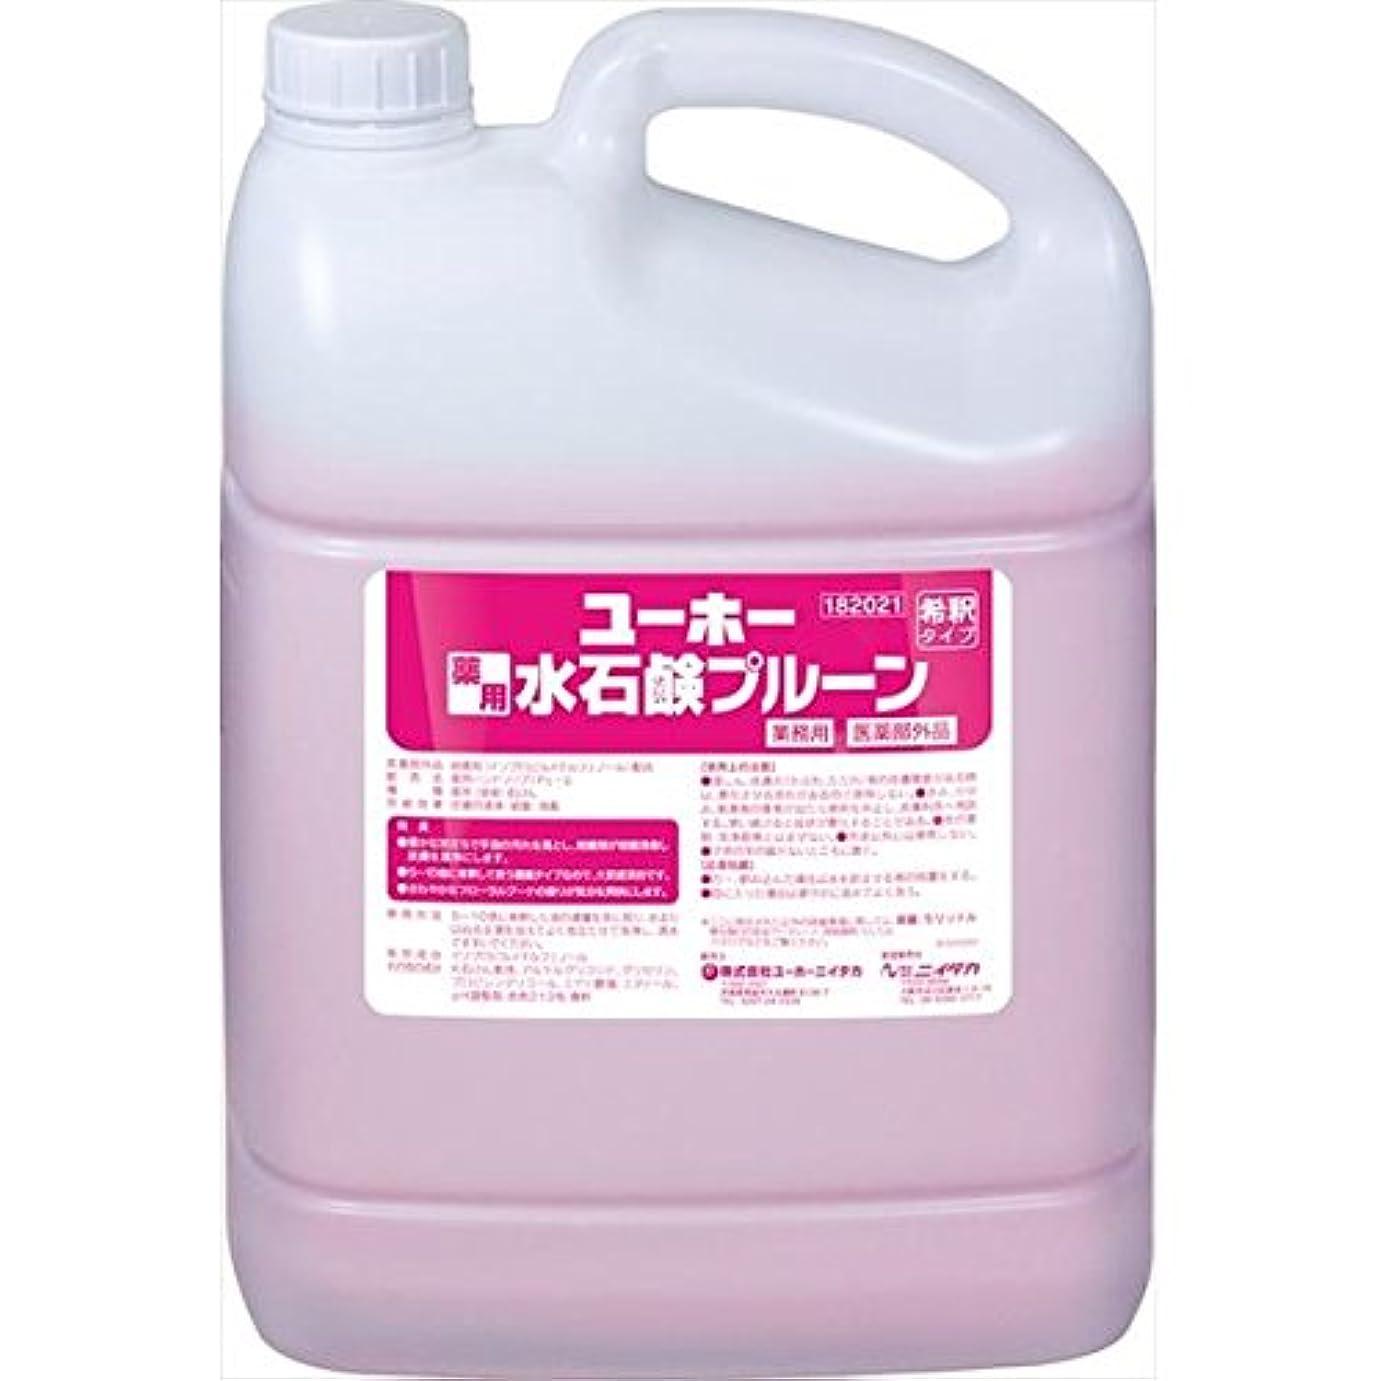 大陸広く管理しますユーホーニイタカ:薬用水石鹸プルーン 5L×2 181021